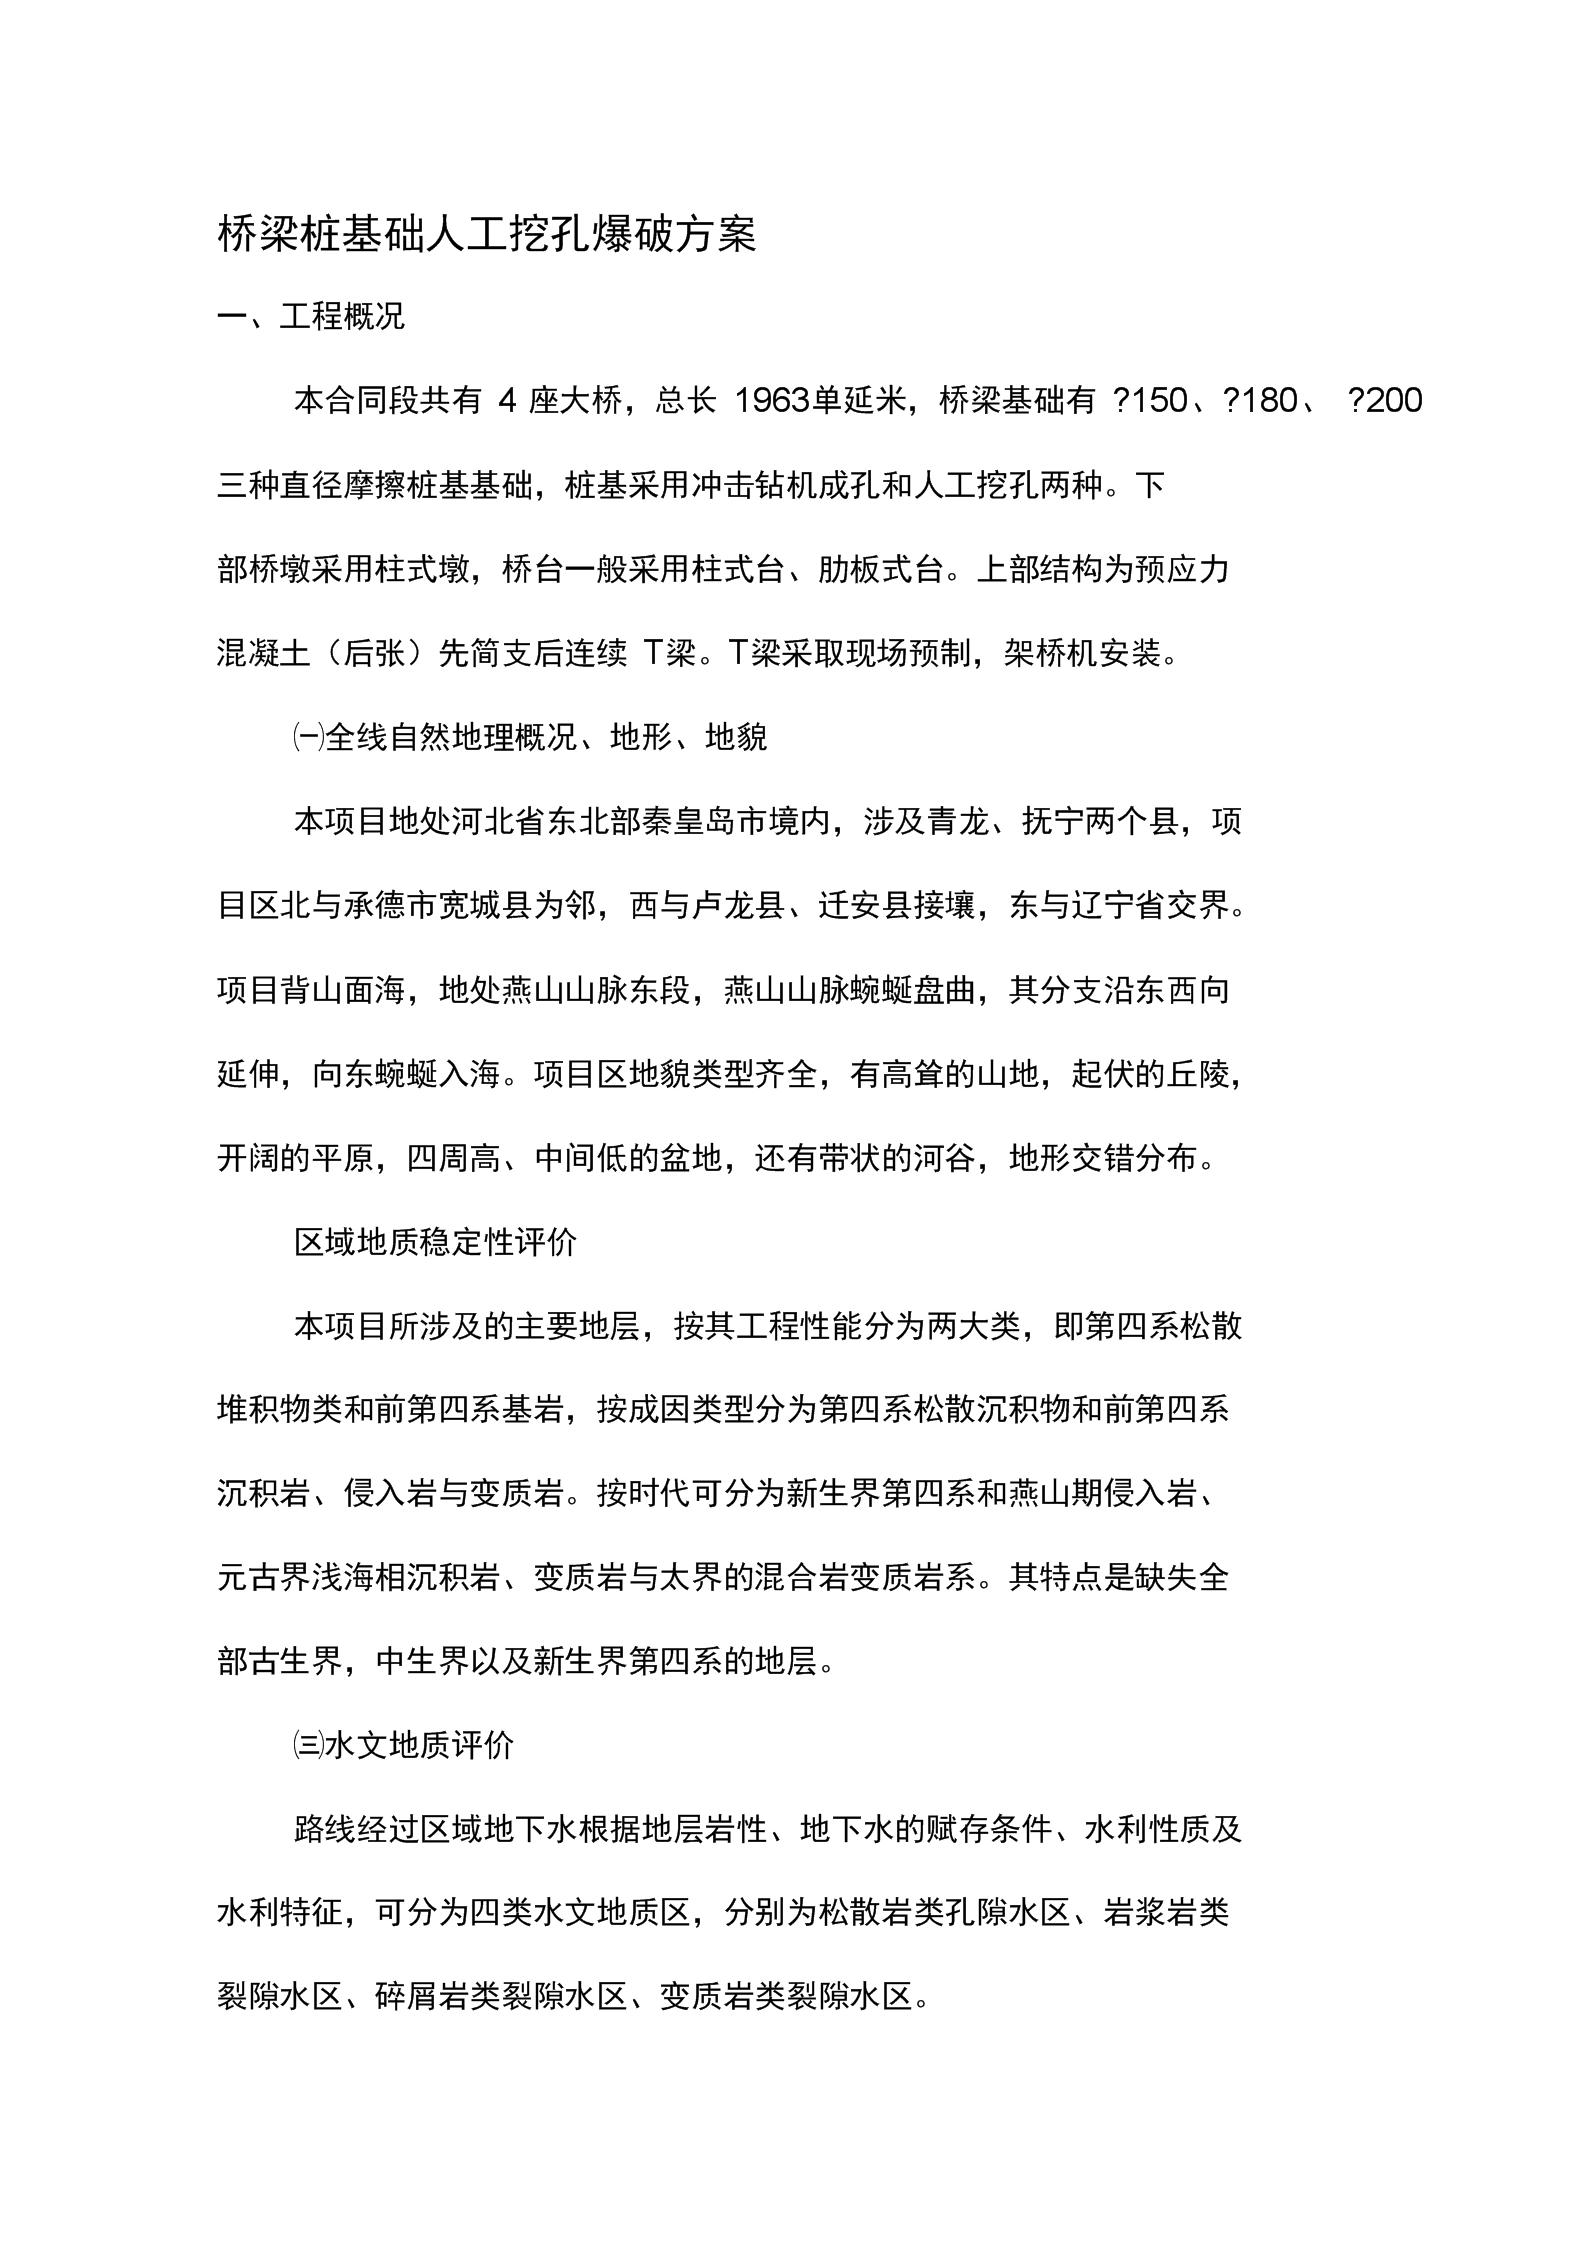 2020年新版人工挖孔桩爆破方案.docx